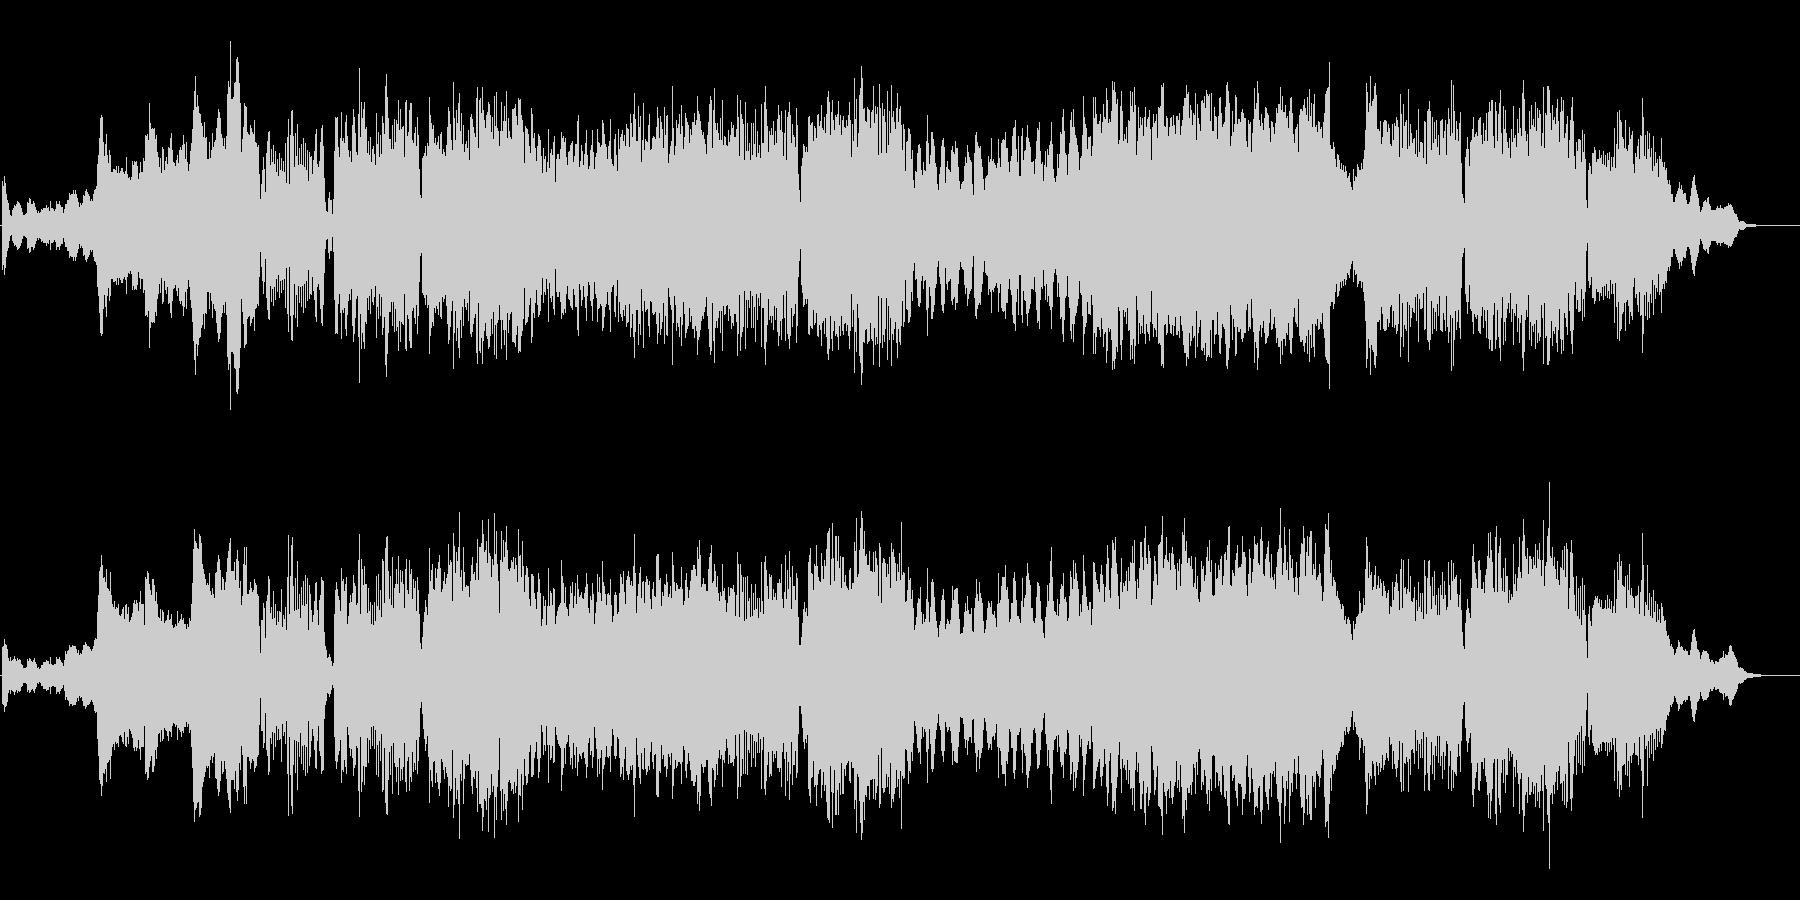 オーケストラ・アレンジ/サントラ風の未再生の波形